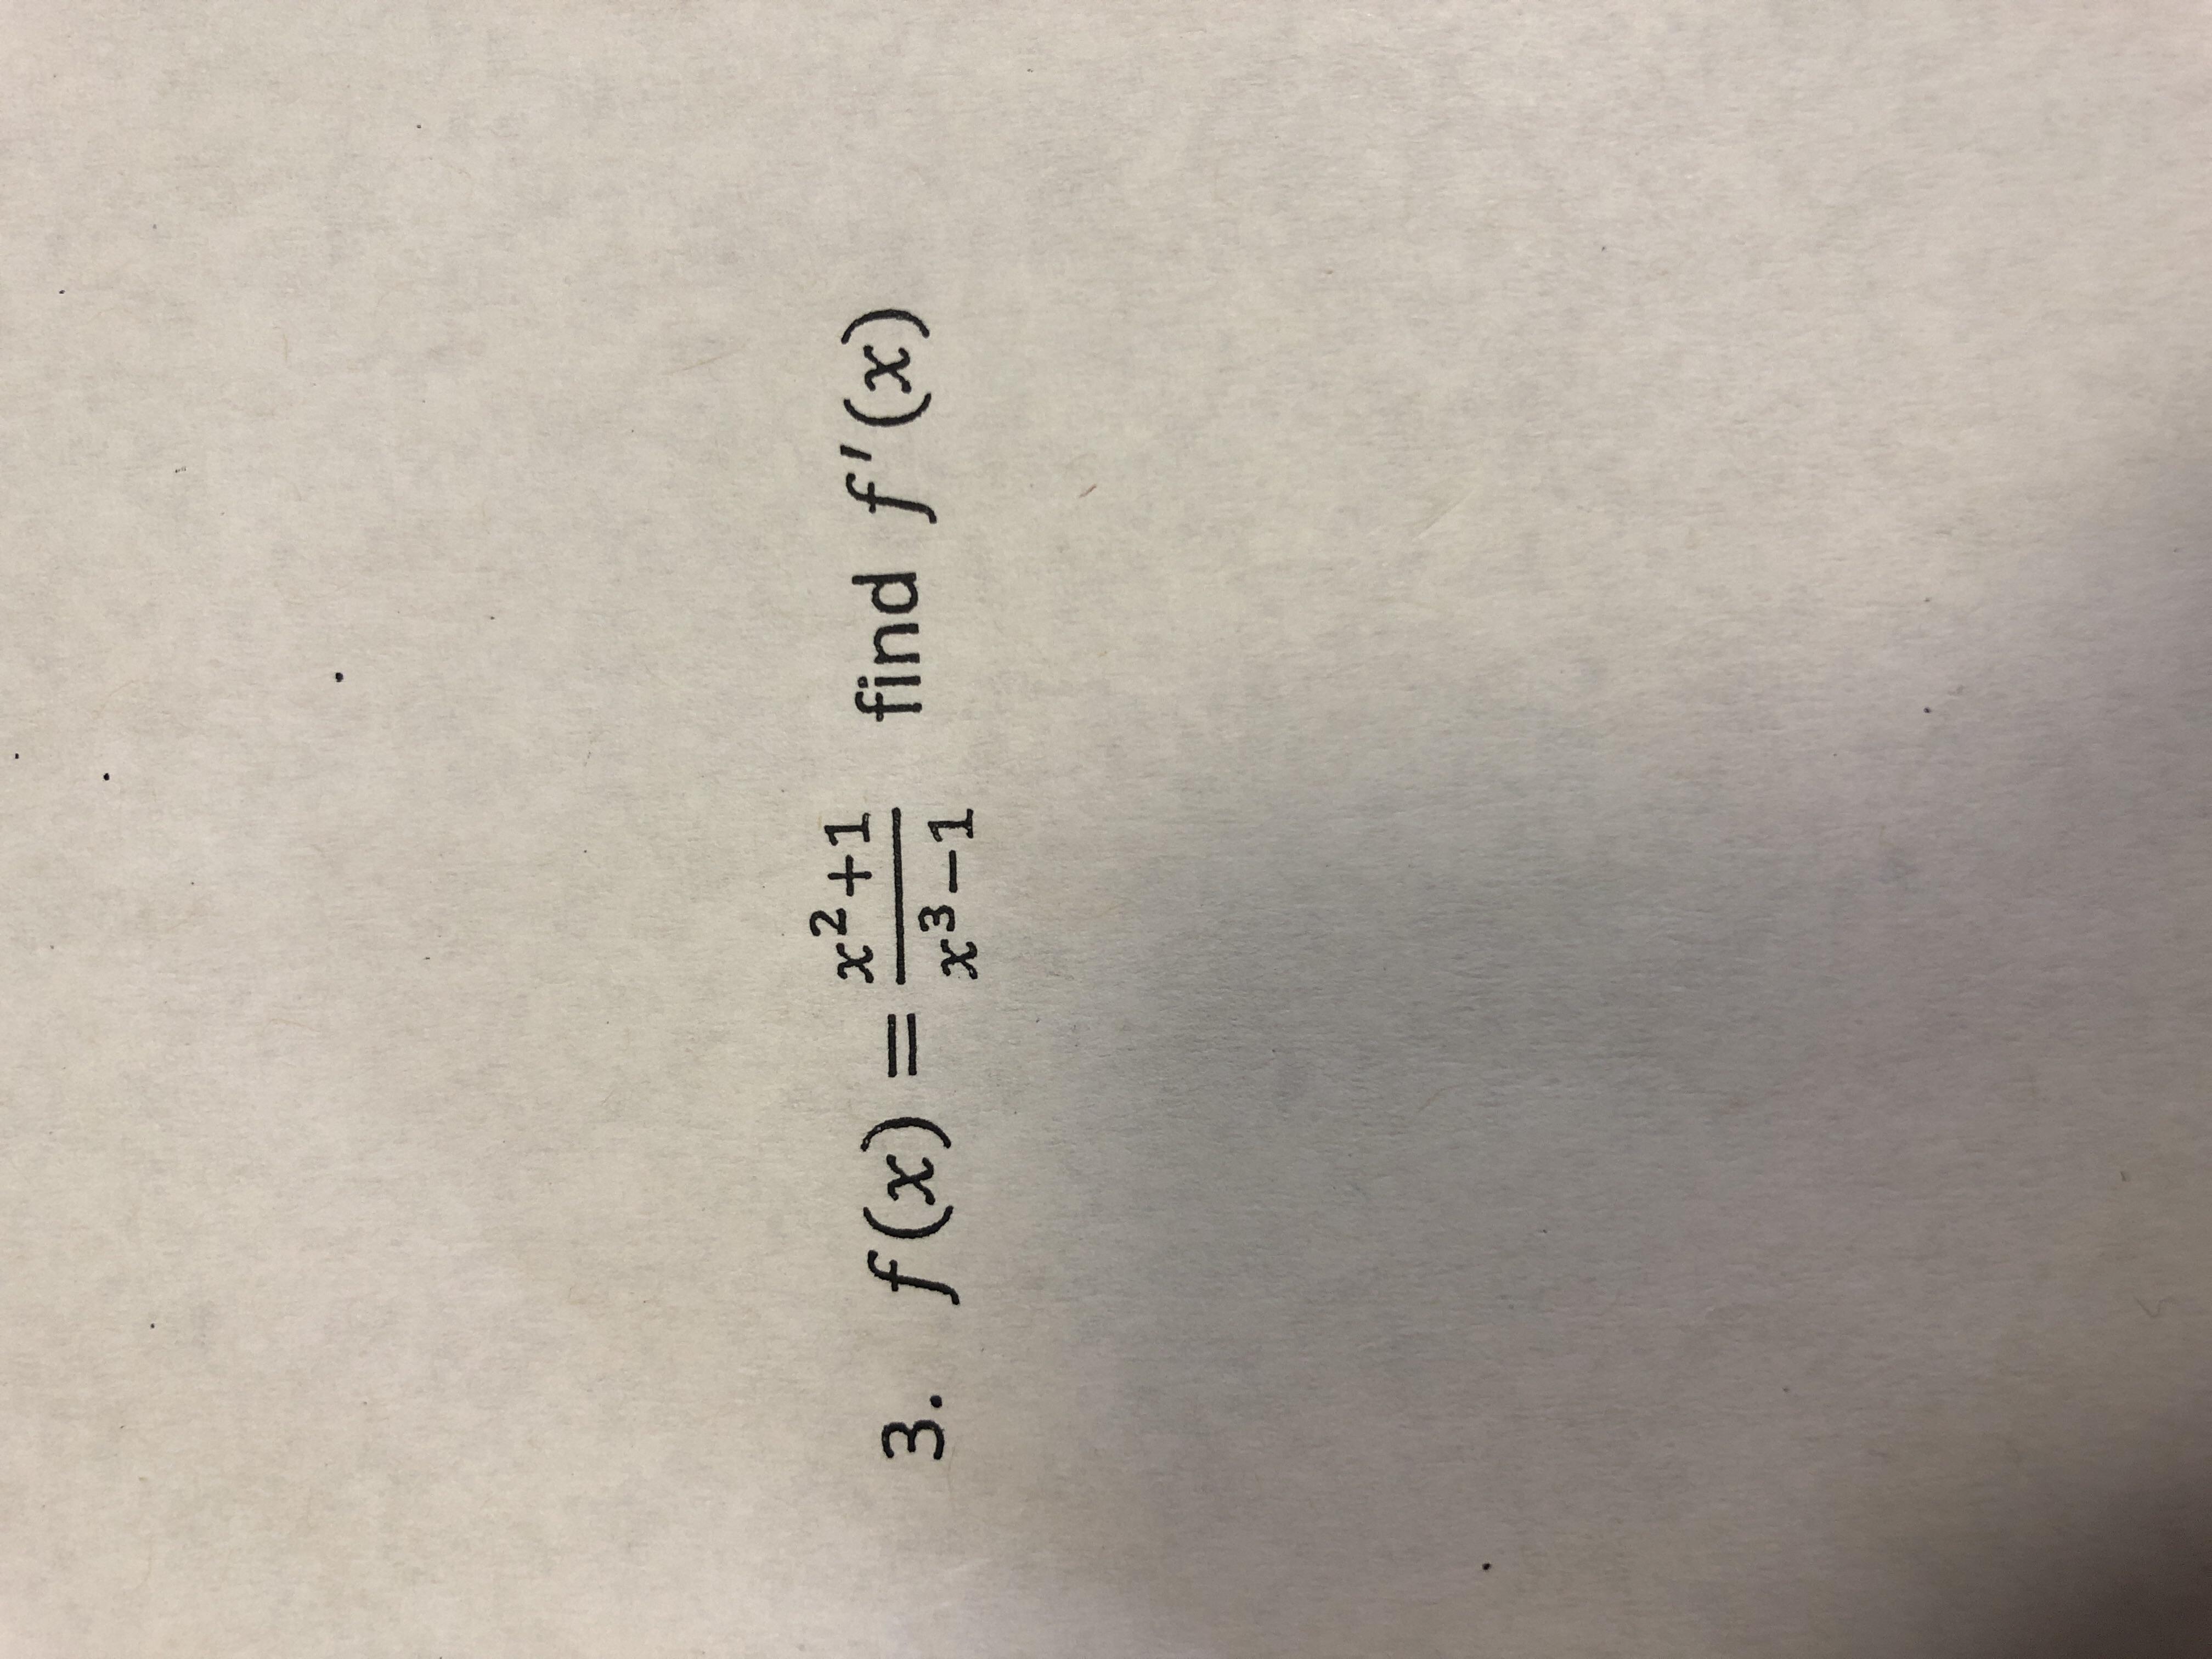 f(x)=x3+1 3. find f(x)